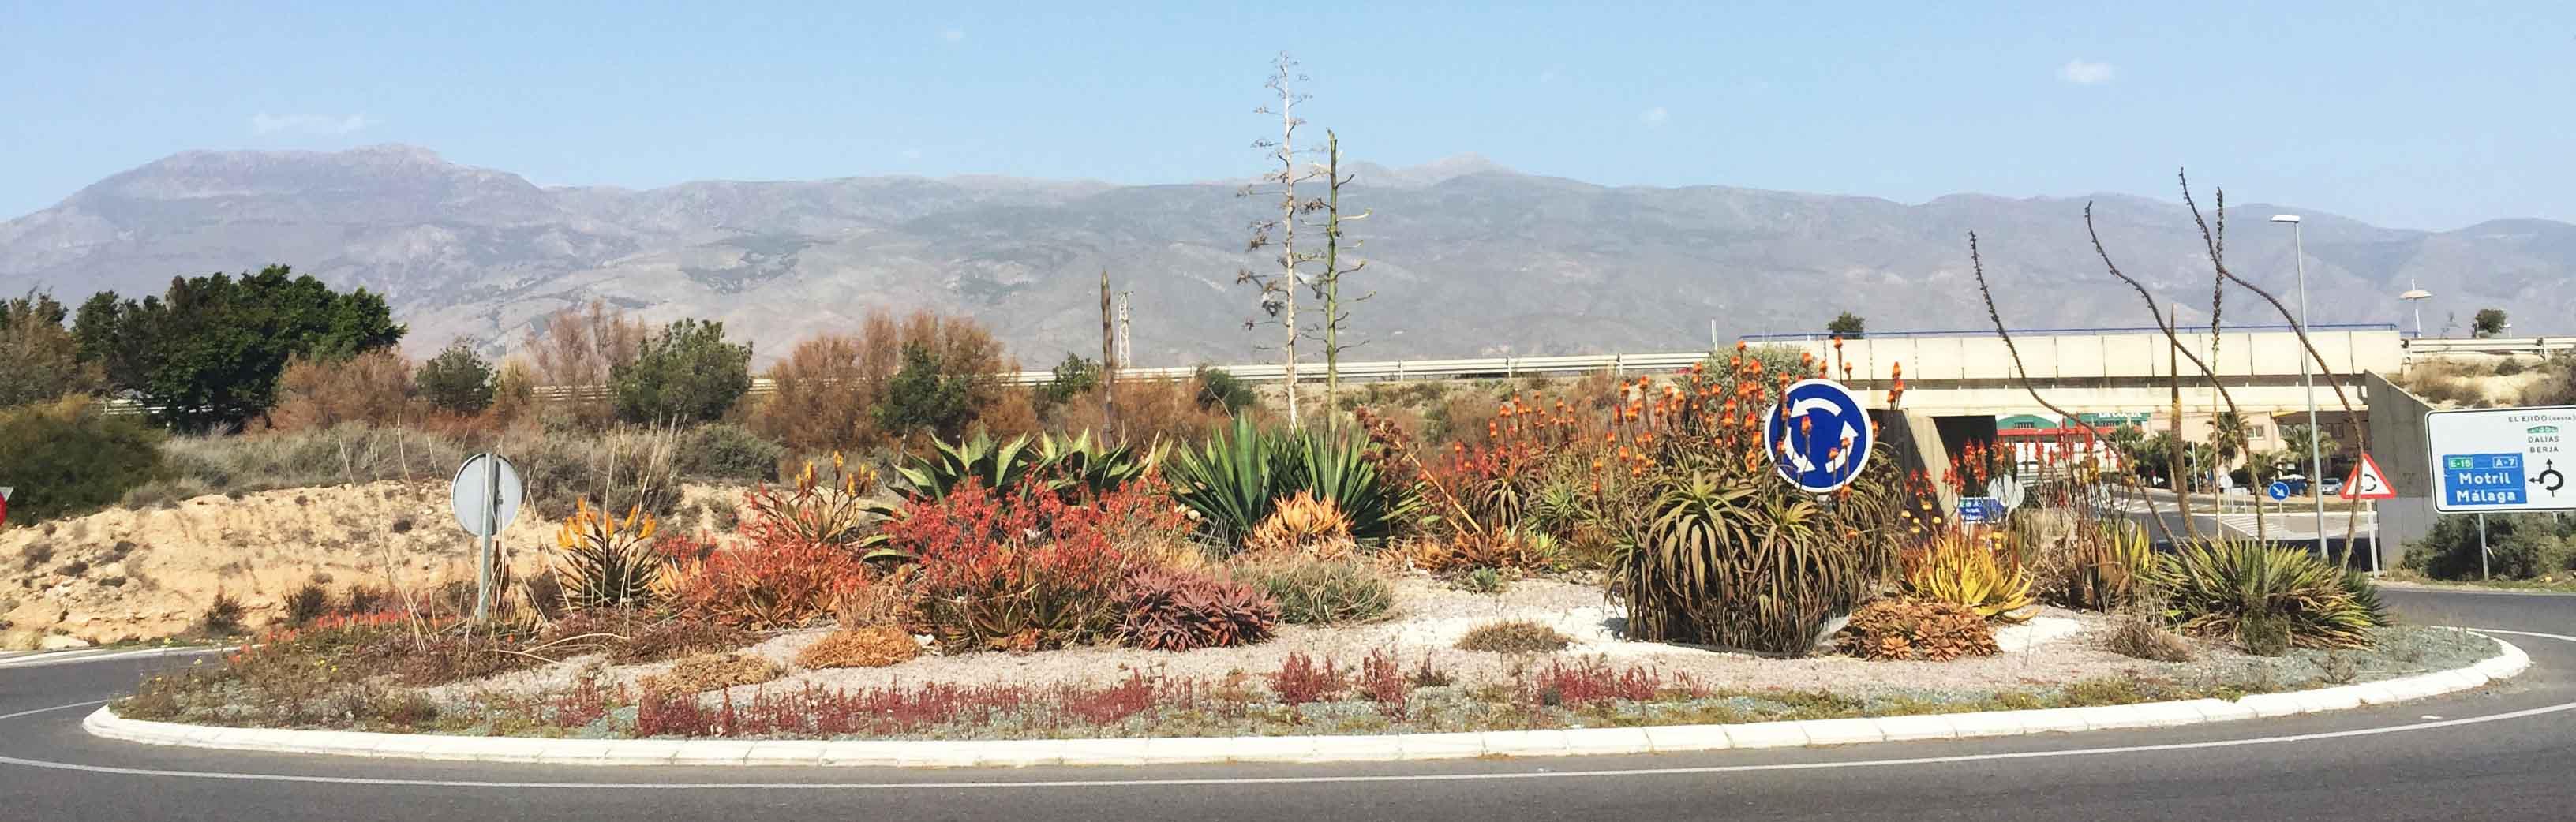 Rotonda Cactus